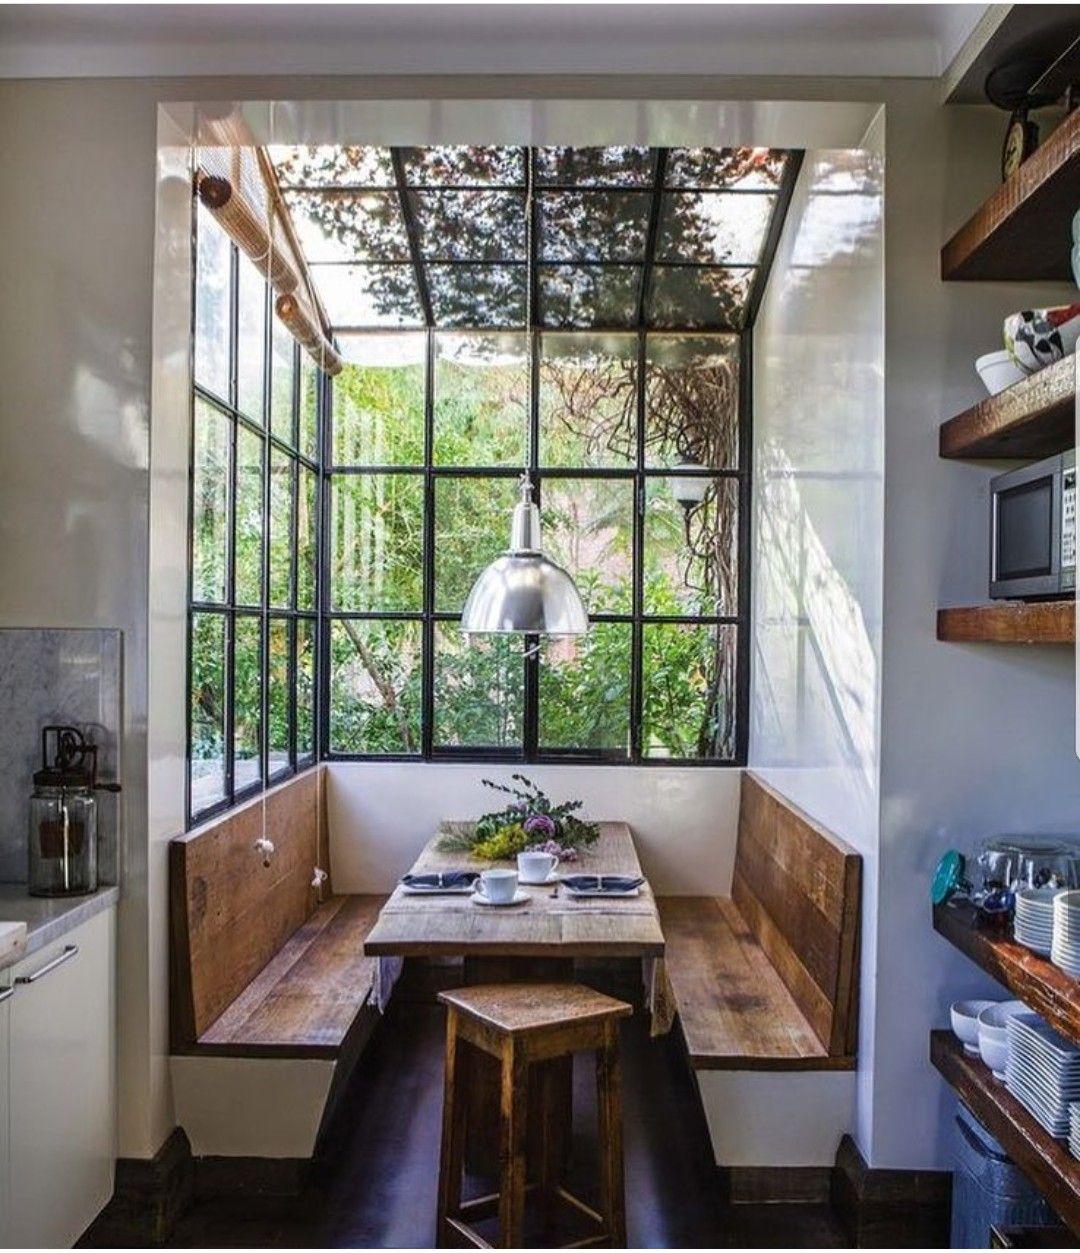 Pin De Cinthia Ivette Mart Nez Mares En Casa Home Pinterest  # Muebles Cinthia